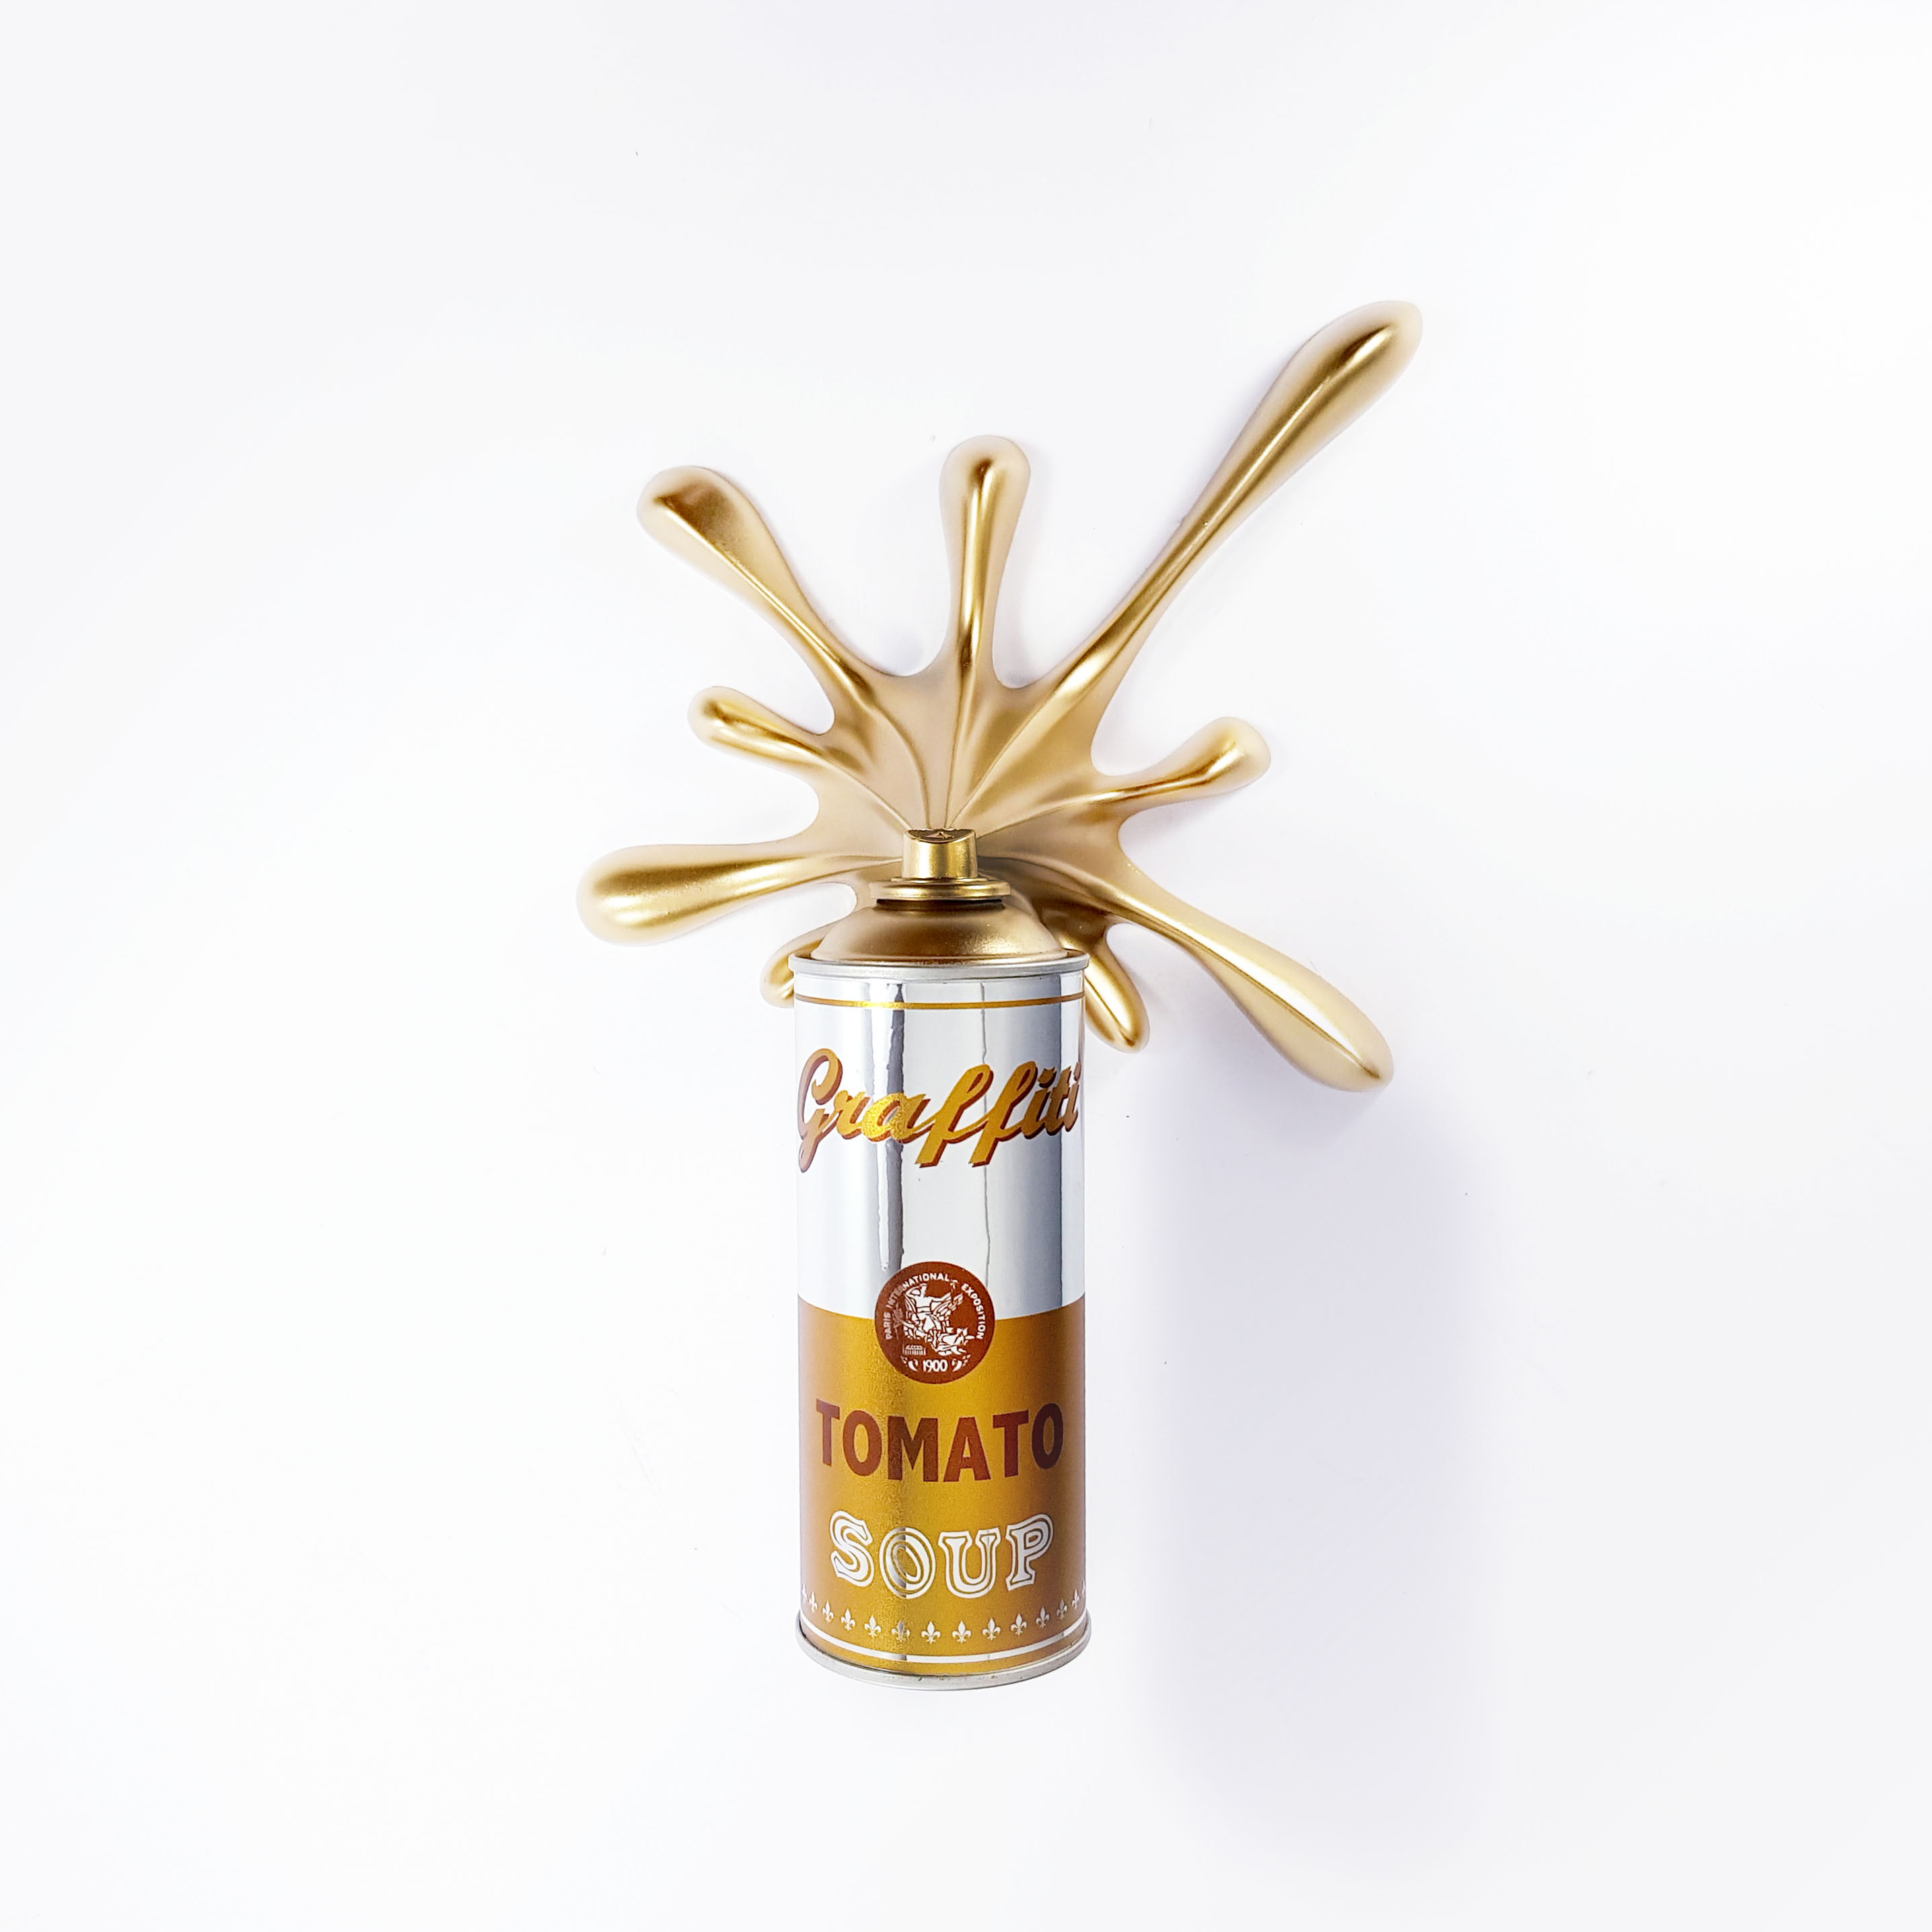 KRESIMIR BUDEN (2 FAST) 'CHROME GOLD SOUP SPLASH' -2020 - Image 3 of 4